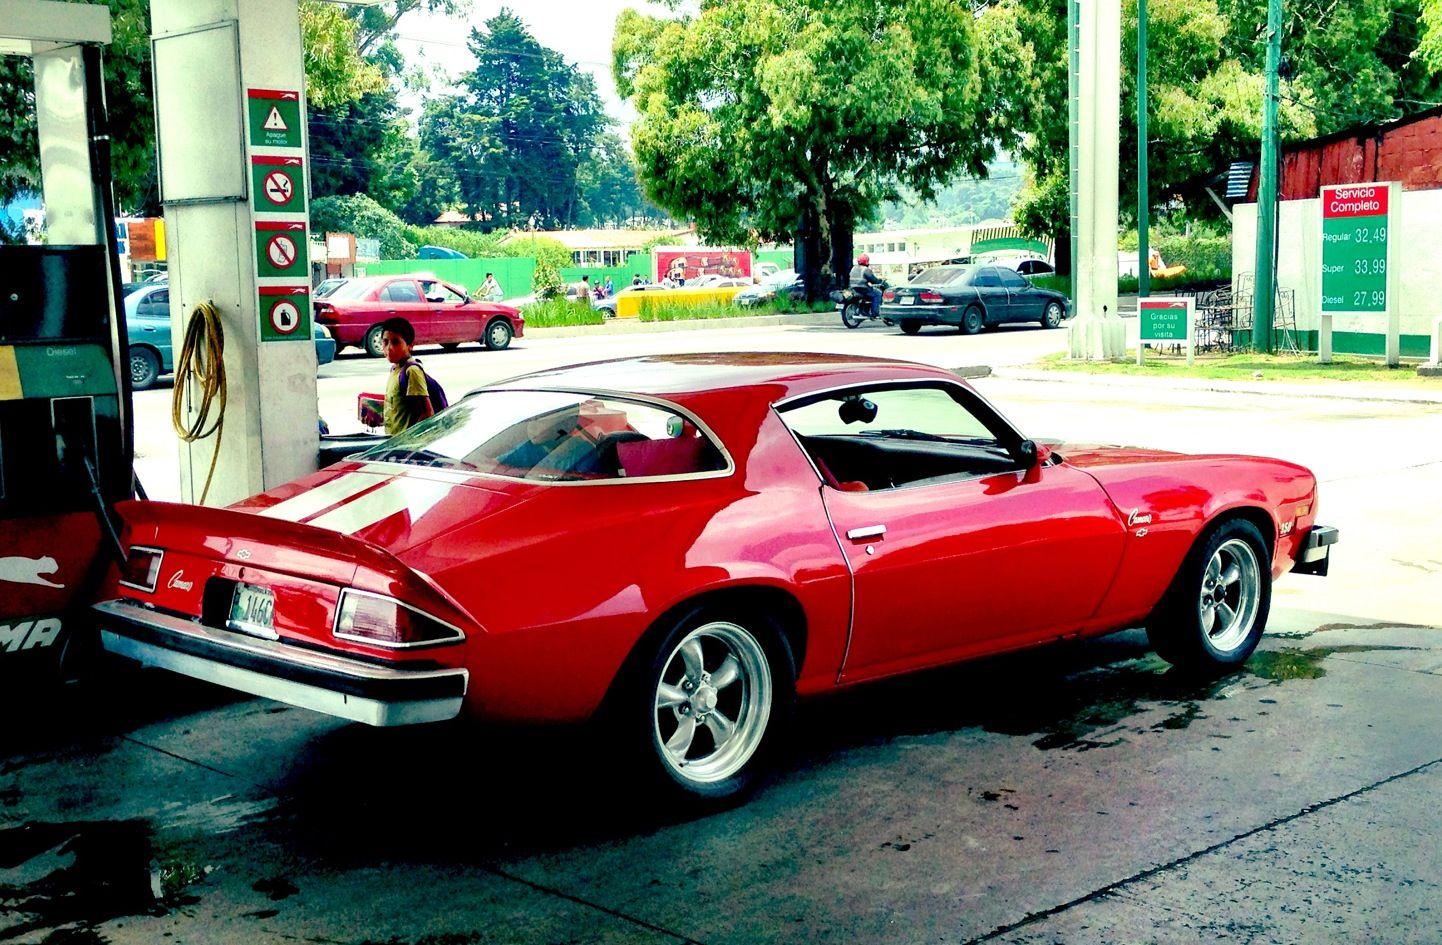 1974 Chevy Camaro Lt Chevy Camaro Classic Cars Muscle 1976 Camaro